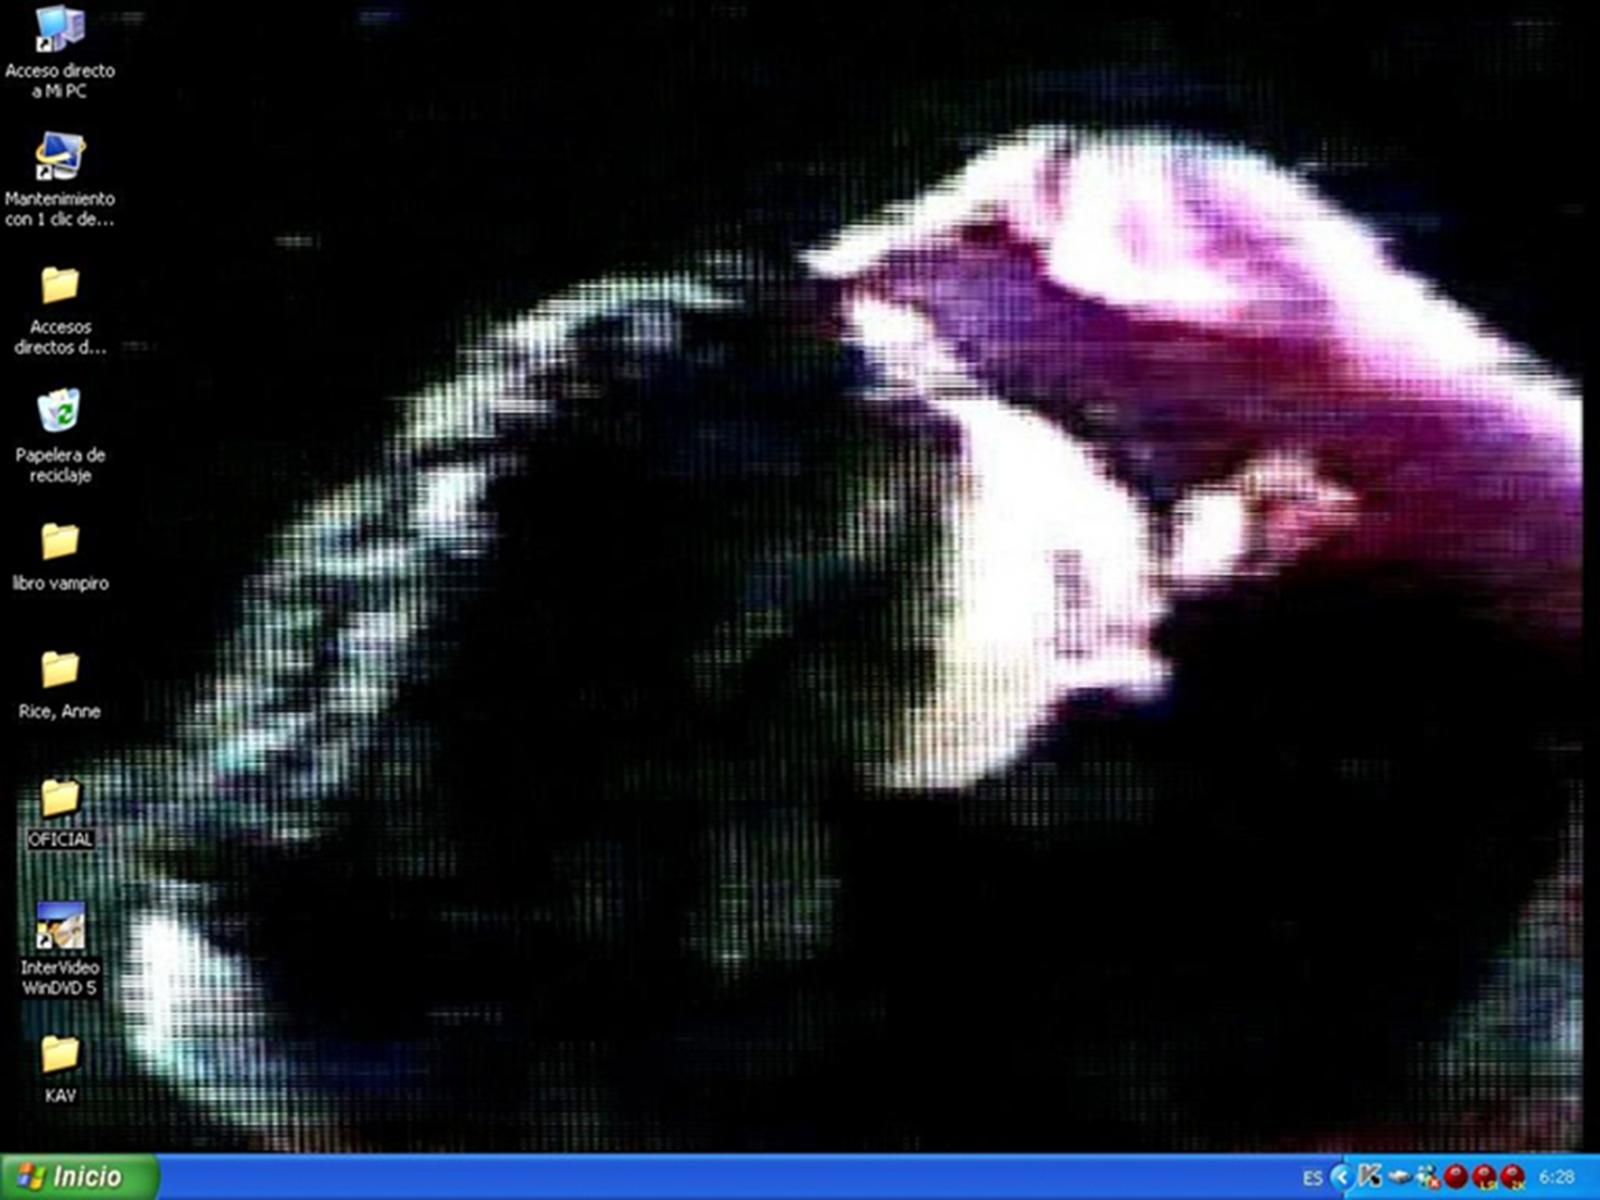 José-R.-Rivero-07.02.10-Fotografía-20.32-x-27.09-cm